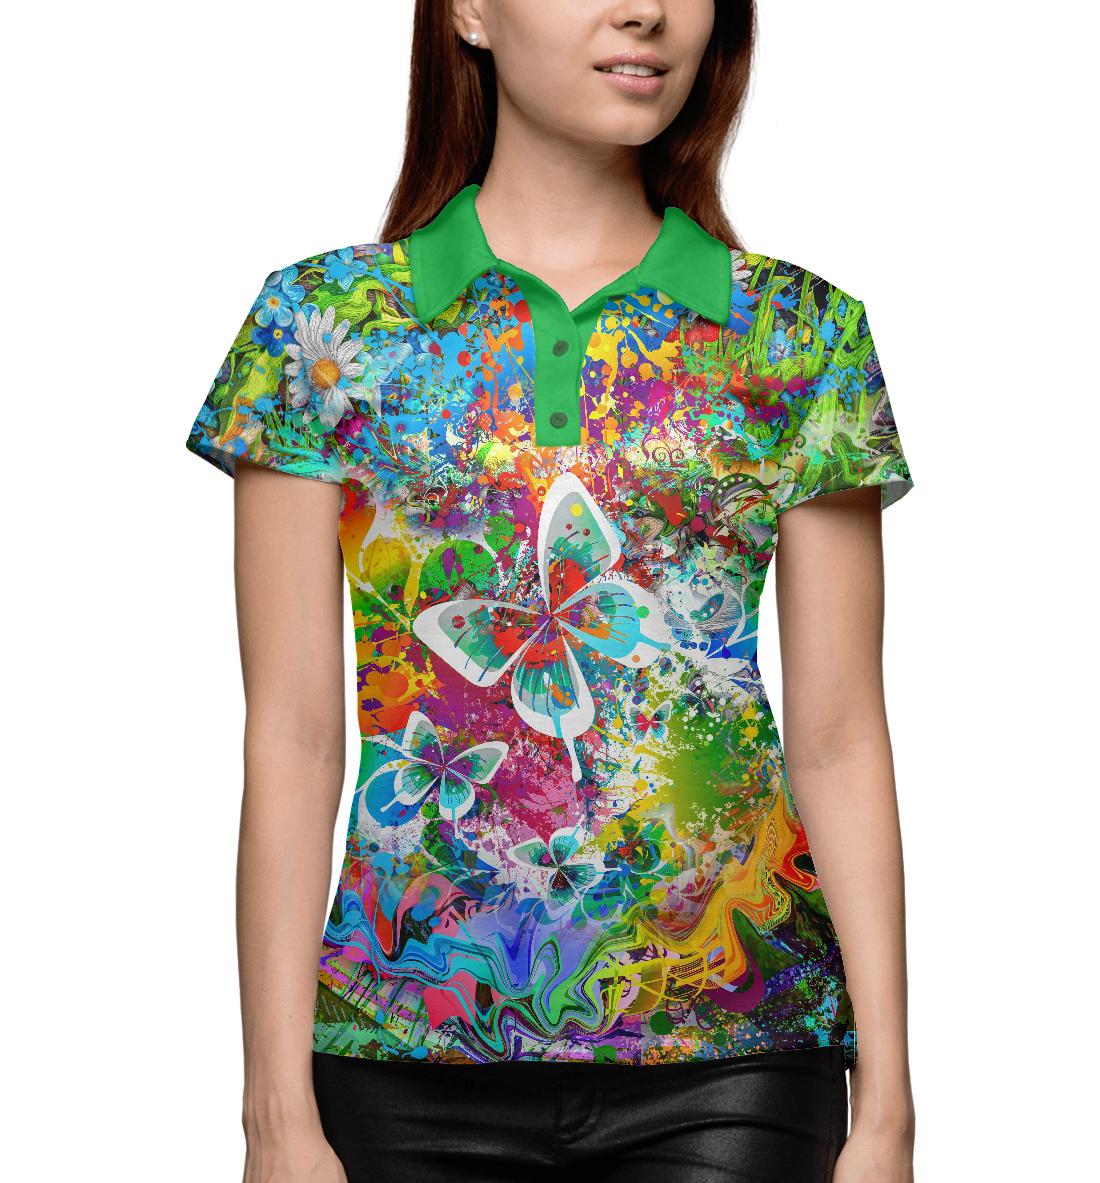 Купить Полевые цветы и бабочки, Printbar, Поло, DLR-447929-pol-1